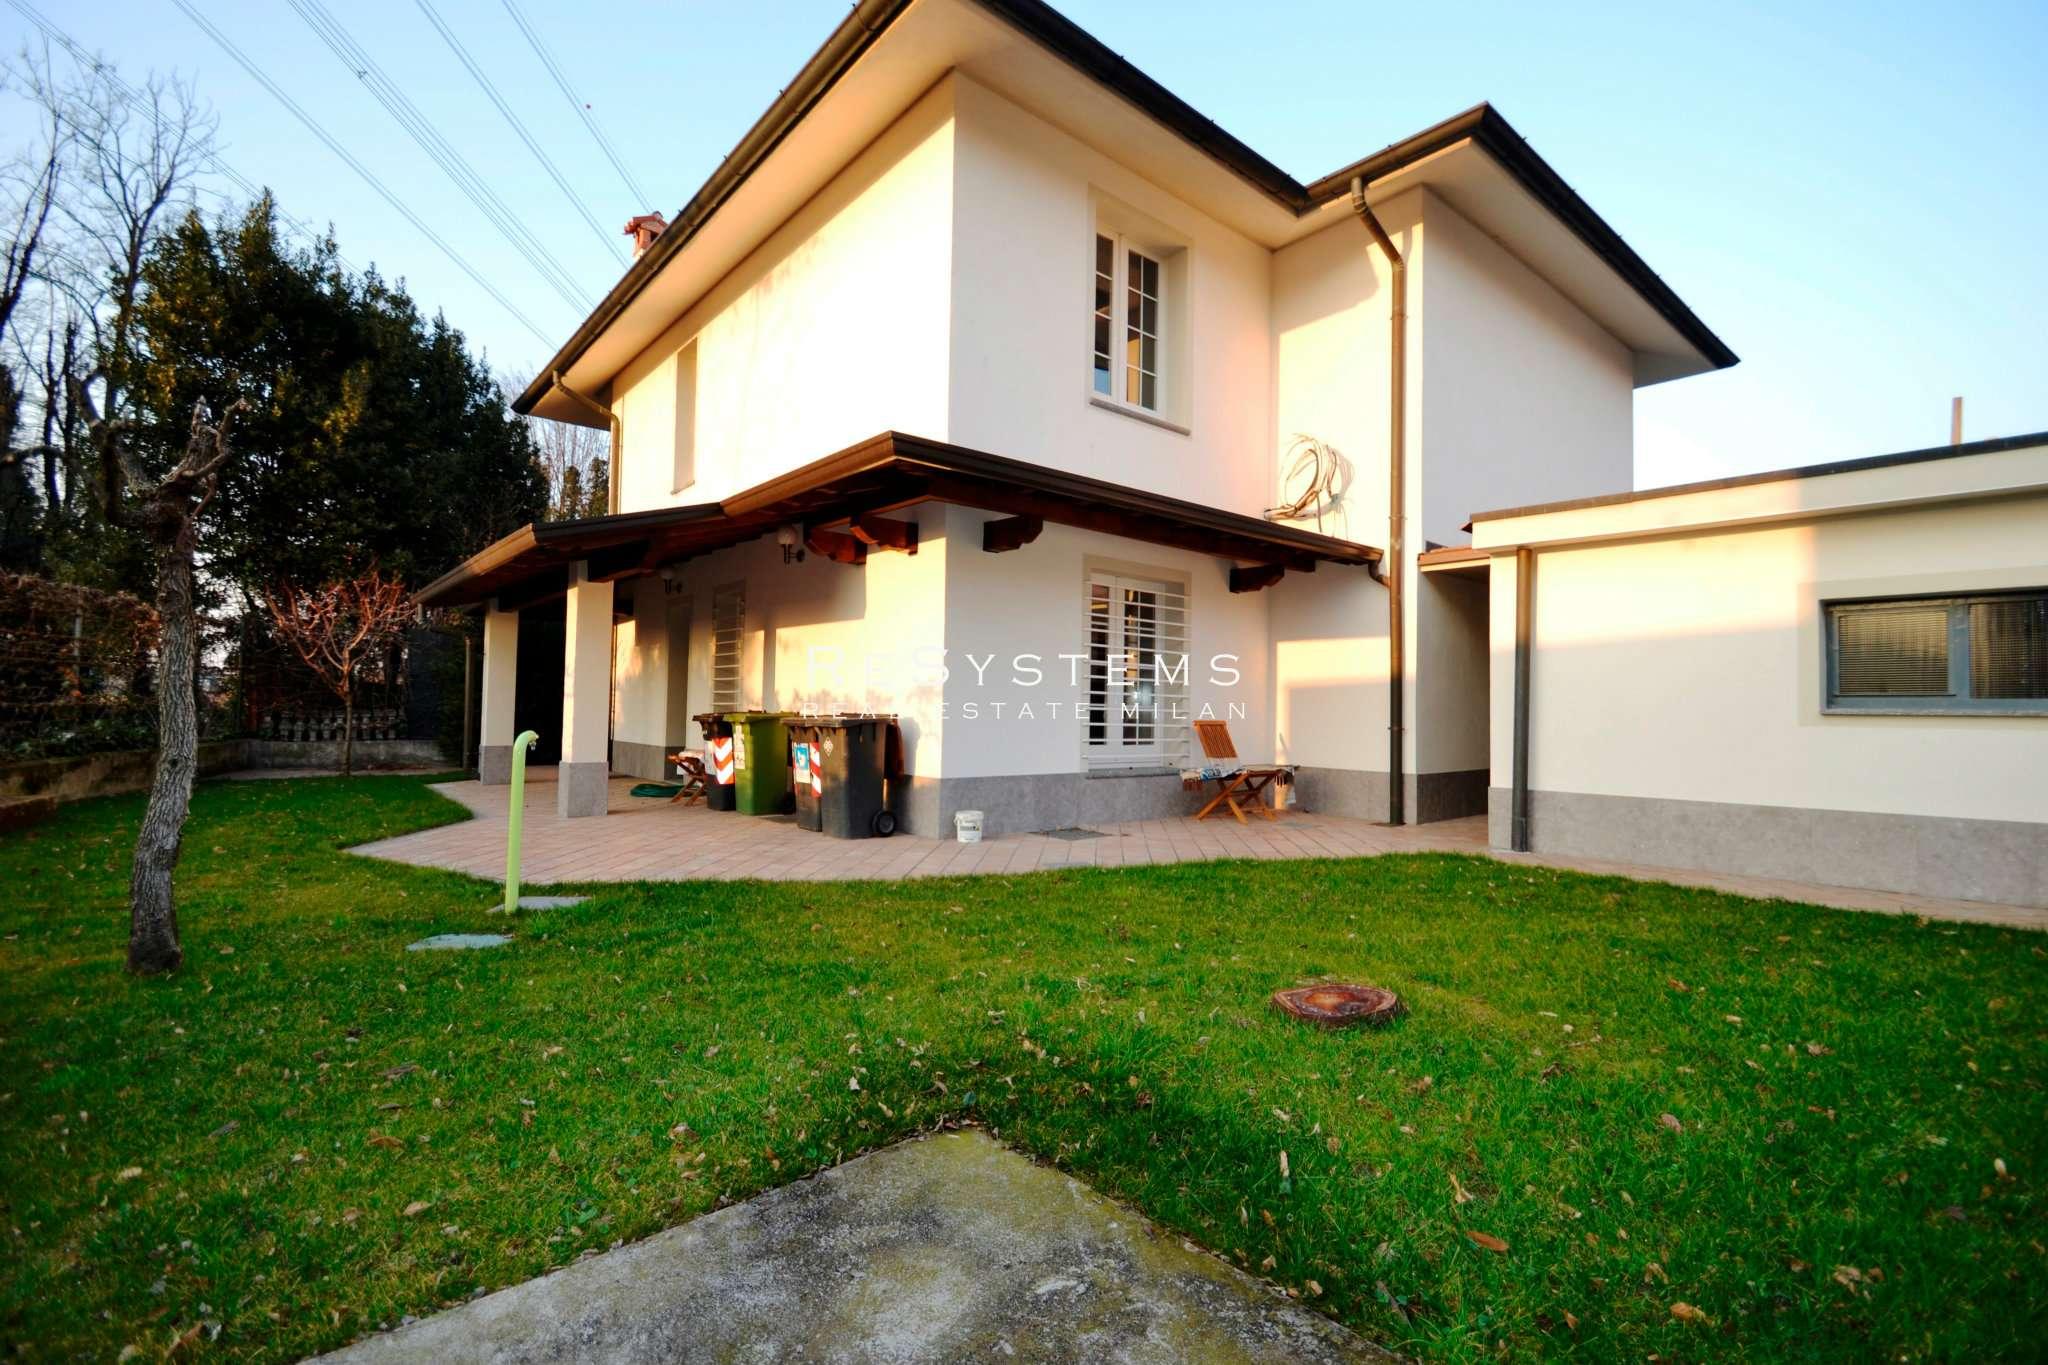 Villa in vendita a Settimo Milanese, 5 locali, prezzo € 780.000 | PortaleAgenzieImmobiliari.it